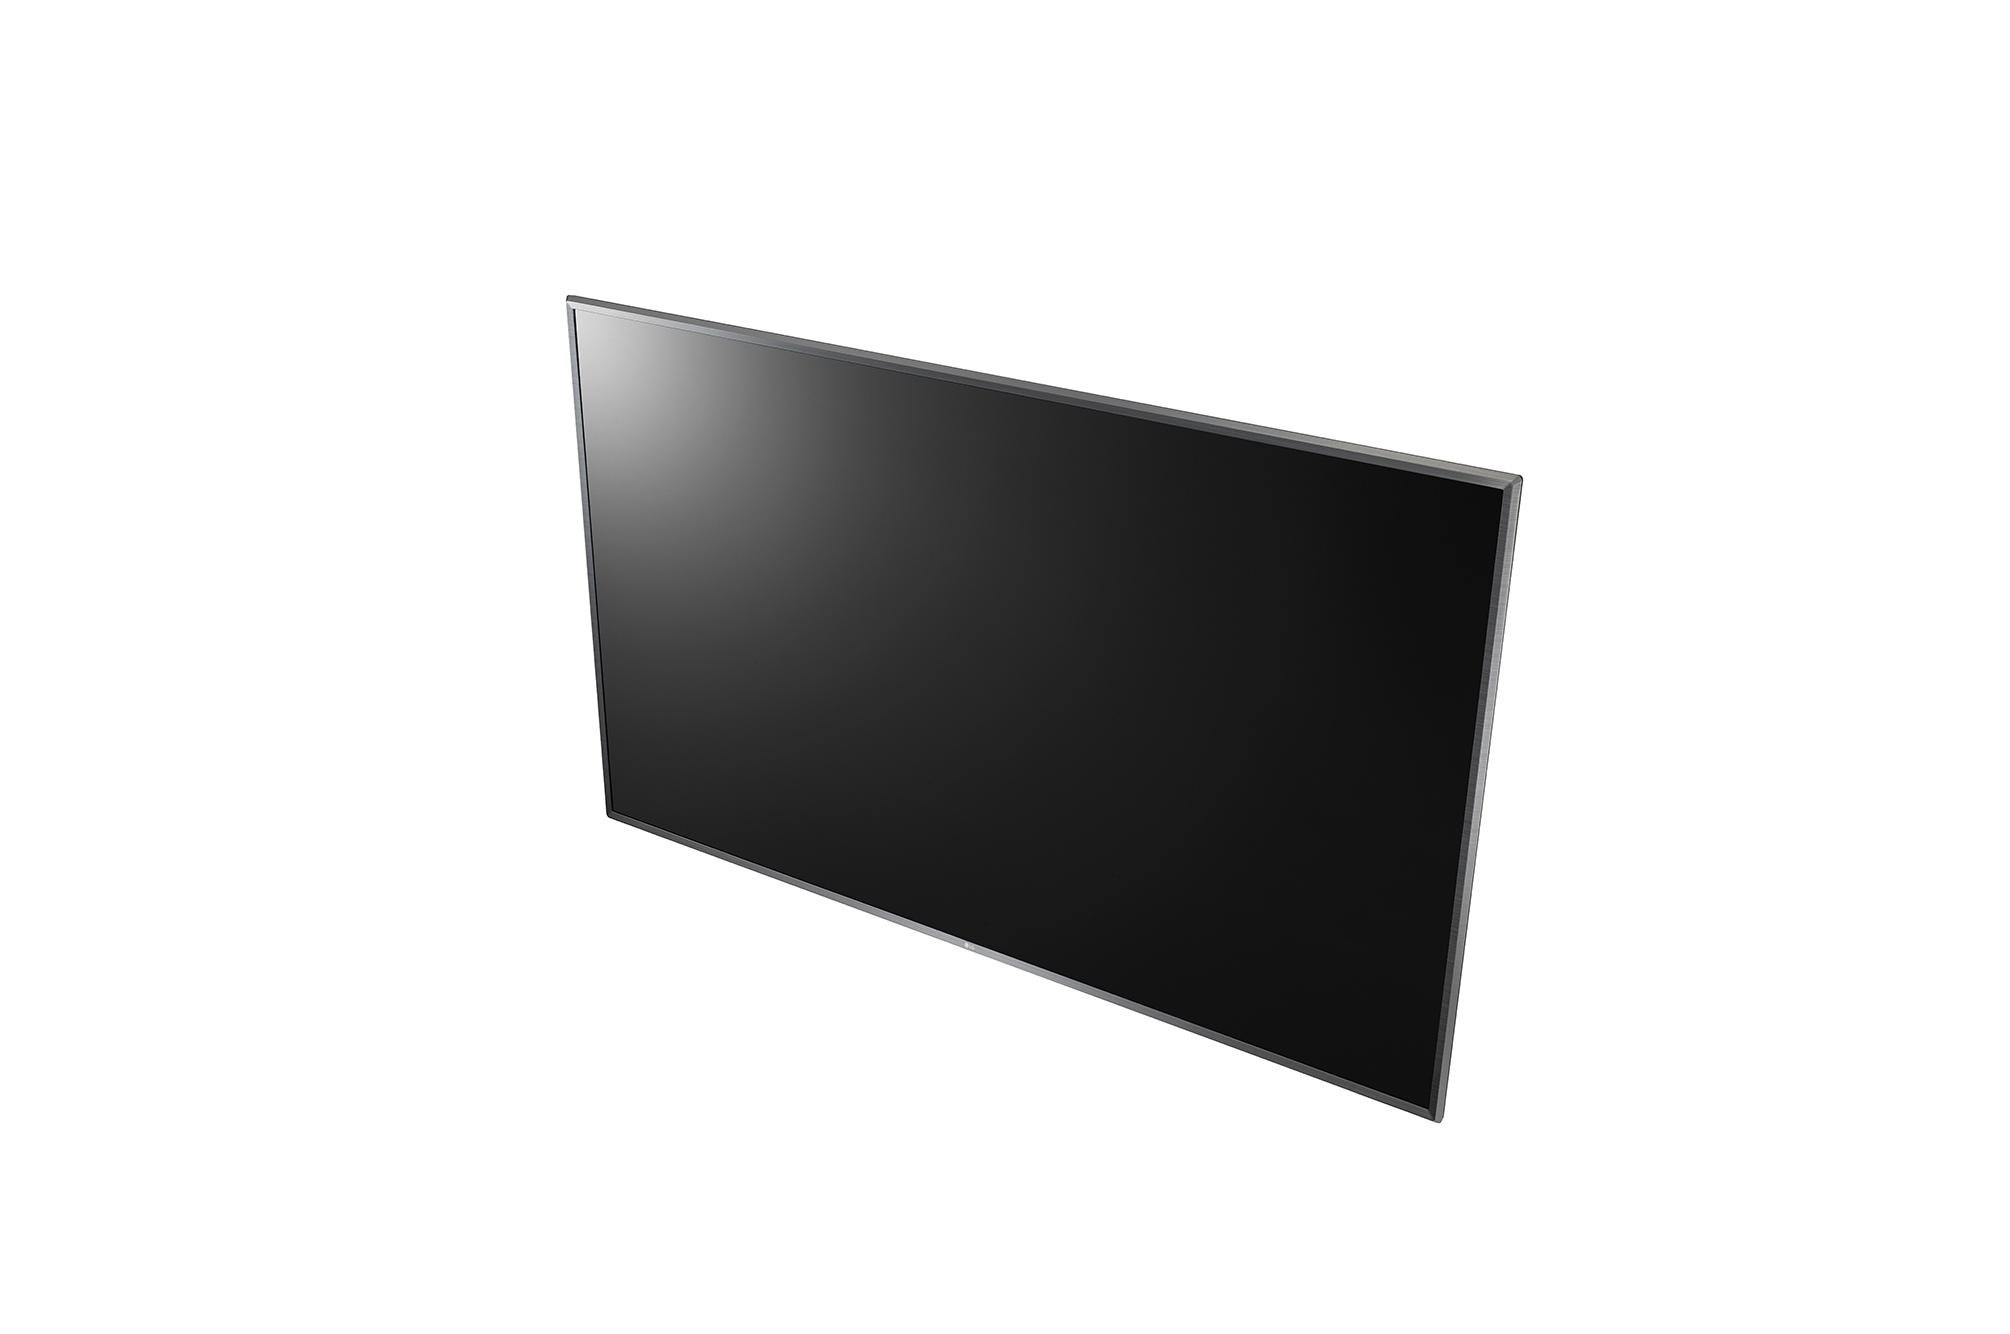 LG Standard Premium 86UL3G-B-9